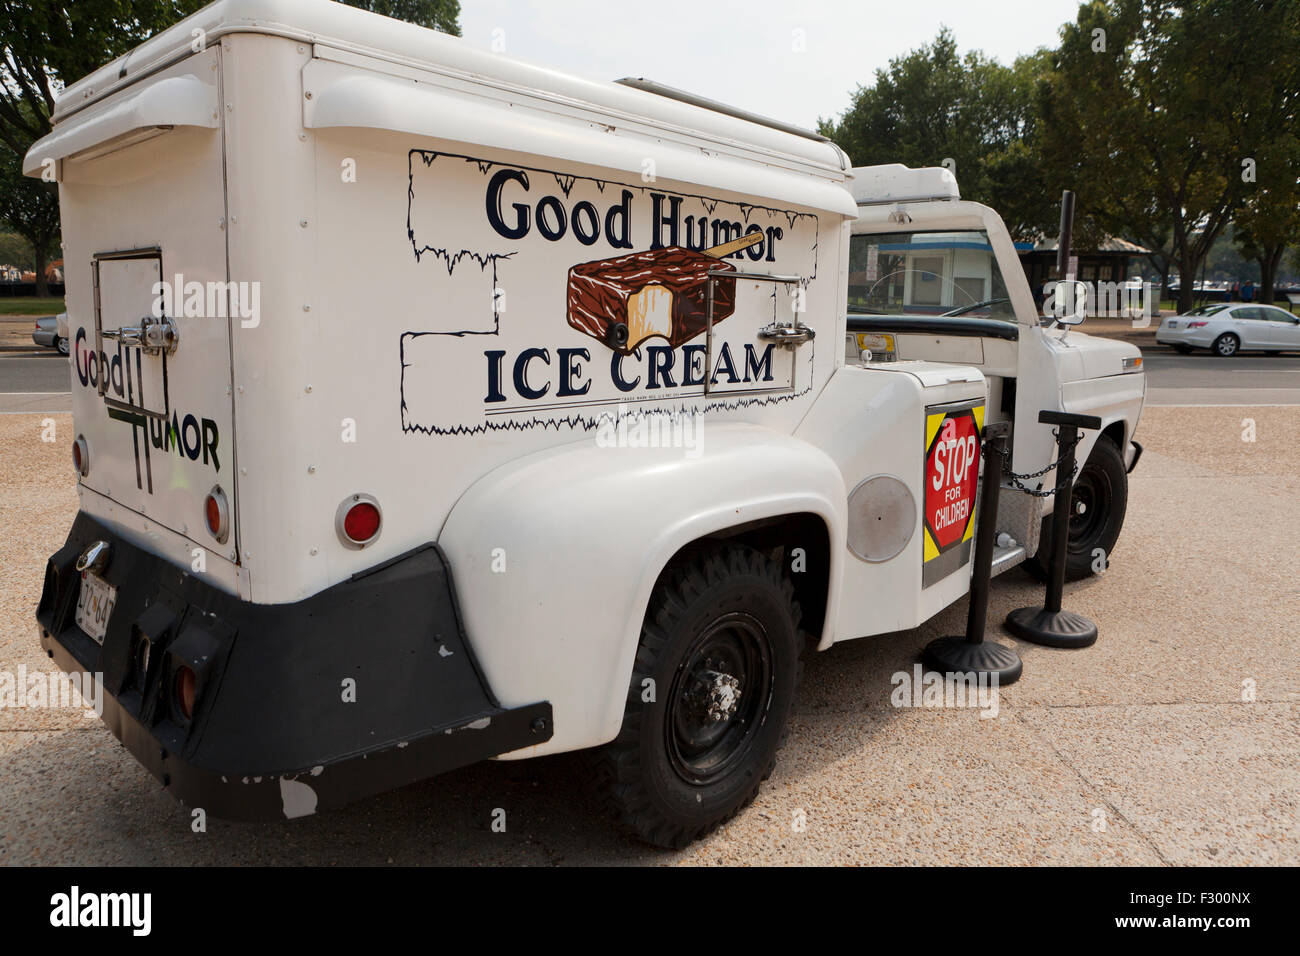 Antique Buen Humor camión de helados - EE.UU. Imagen De Stock